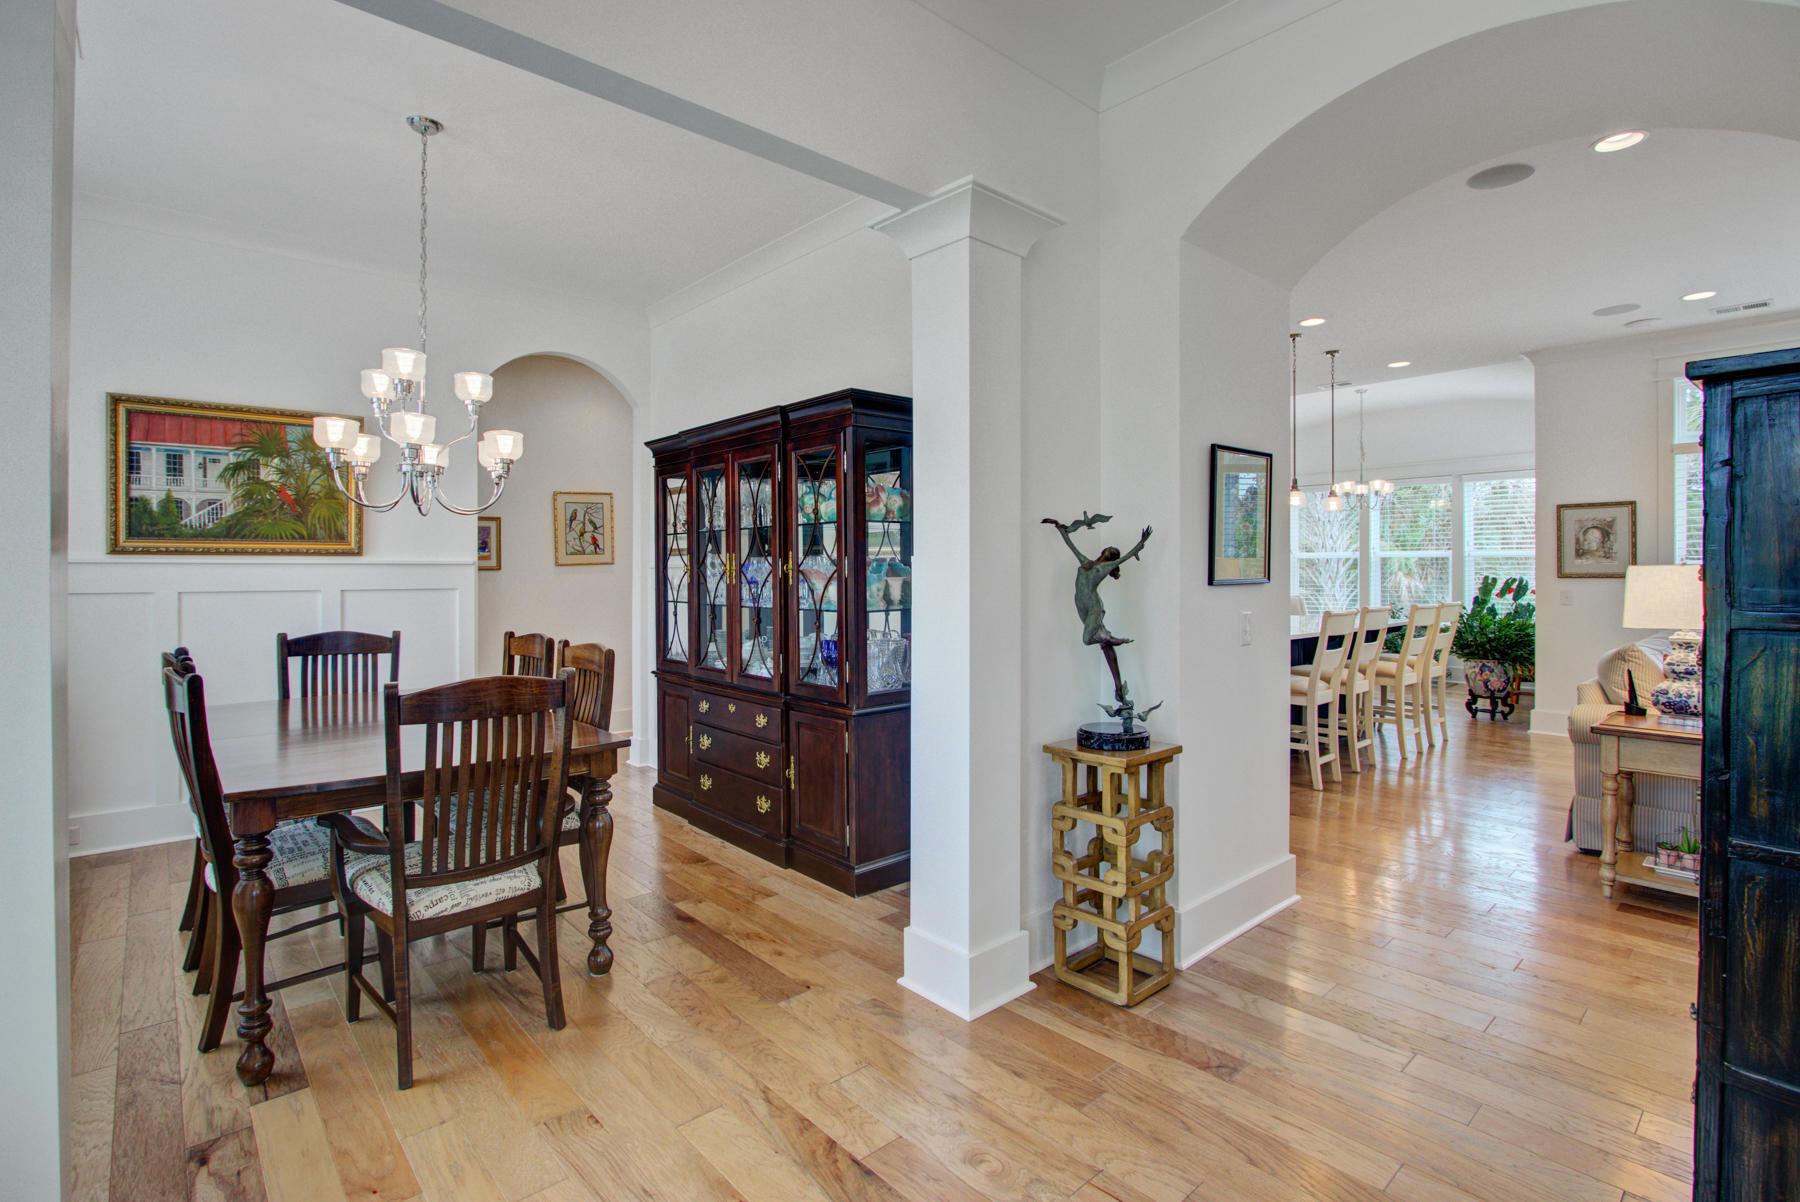 Dunes West Homes For Sale - 2984 Yachtsman, Mount Pleasant, SC - 44